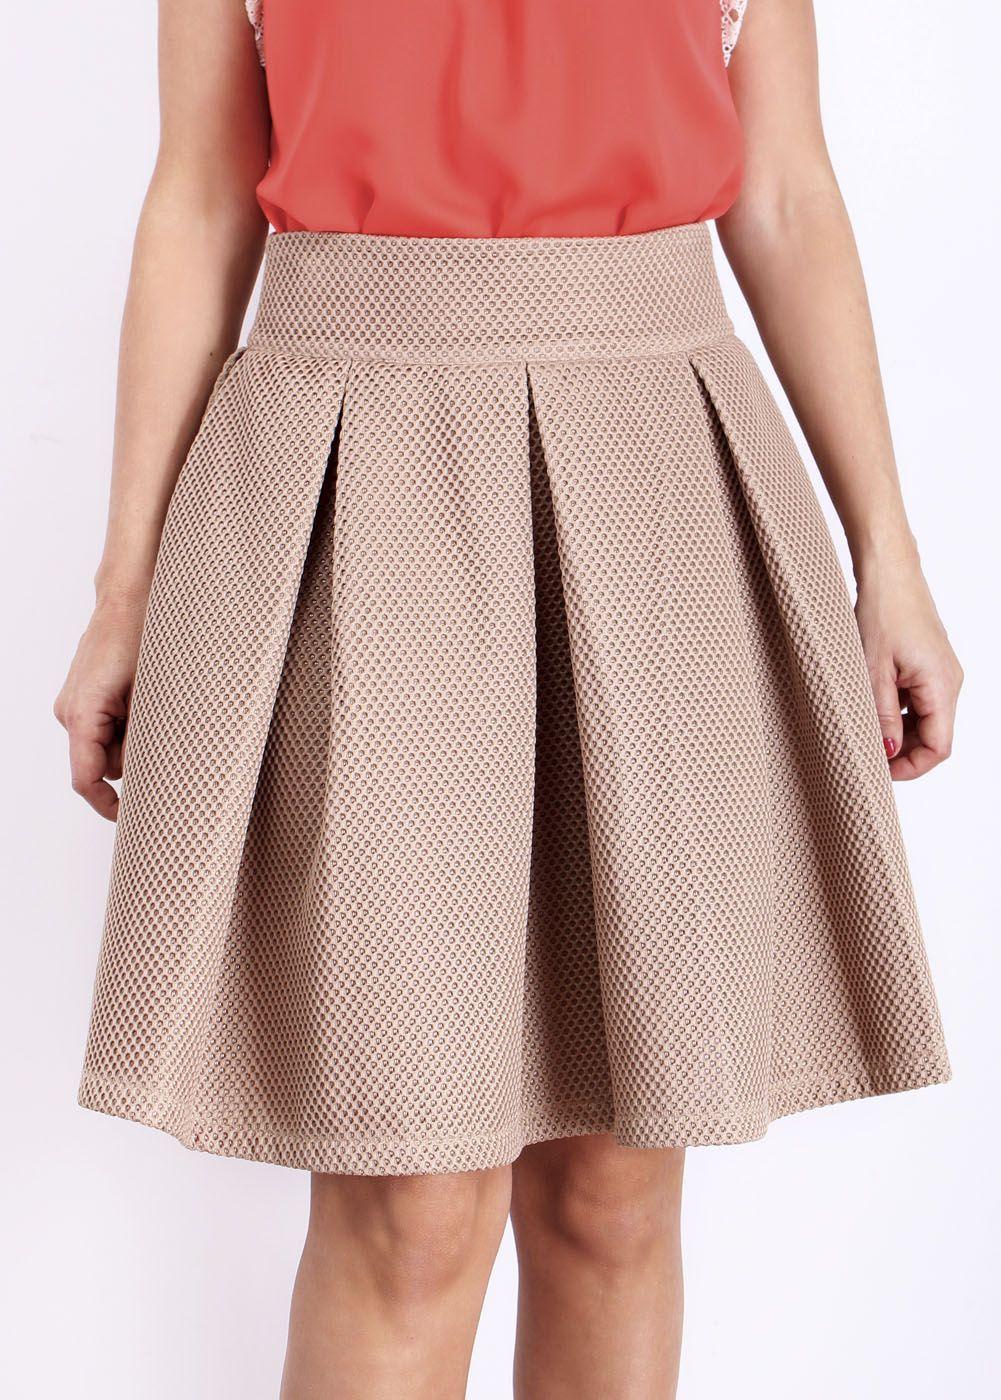 32c434dc9 Resultado de imagen para vestidos con tablones en la falda casuales ...